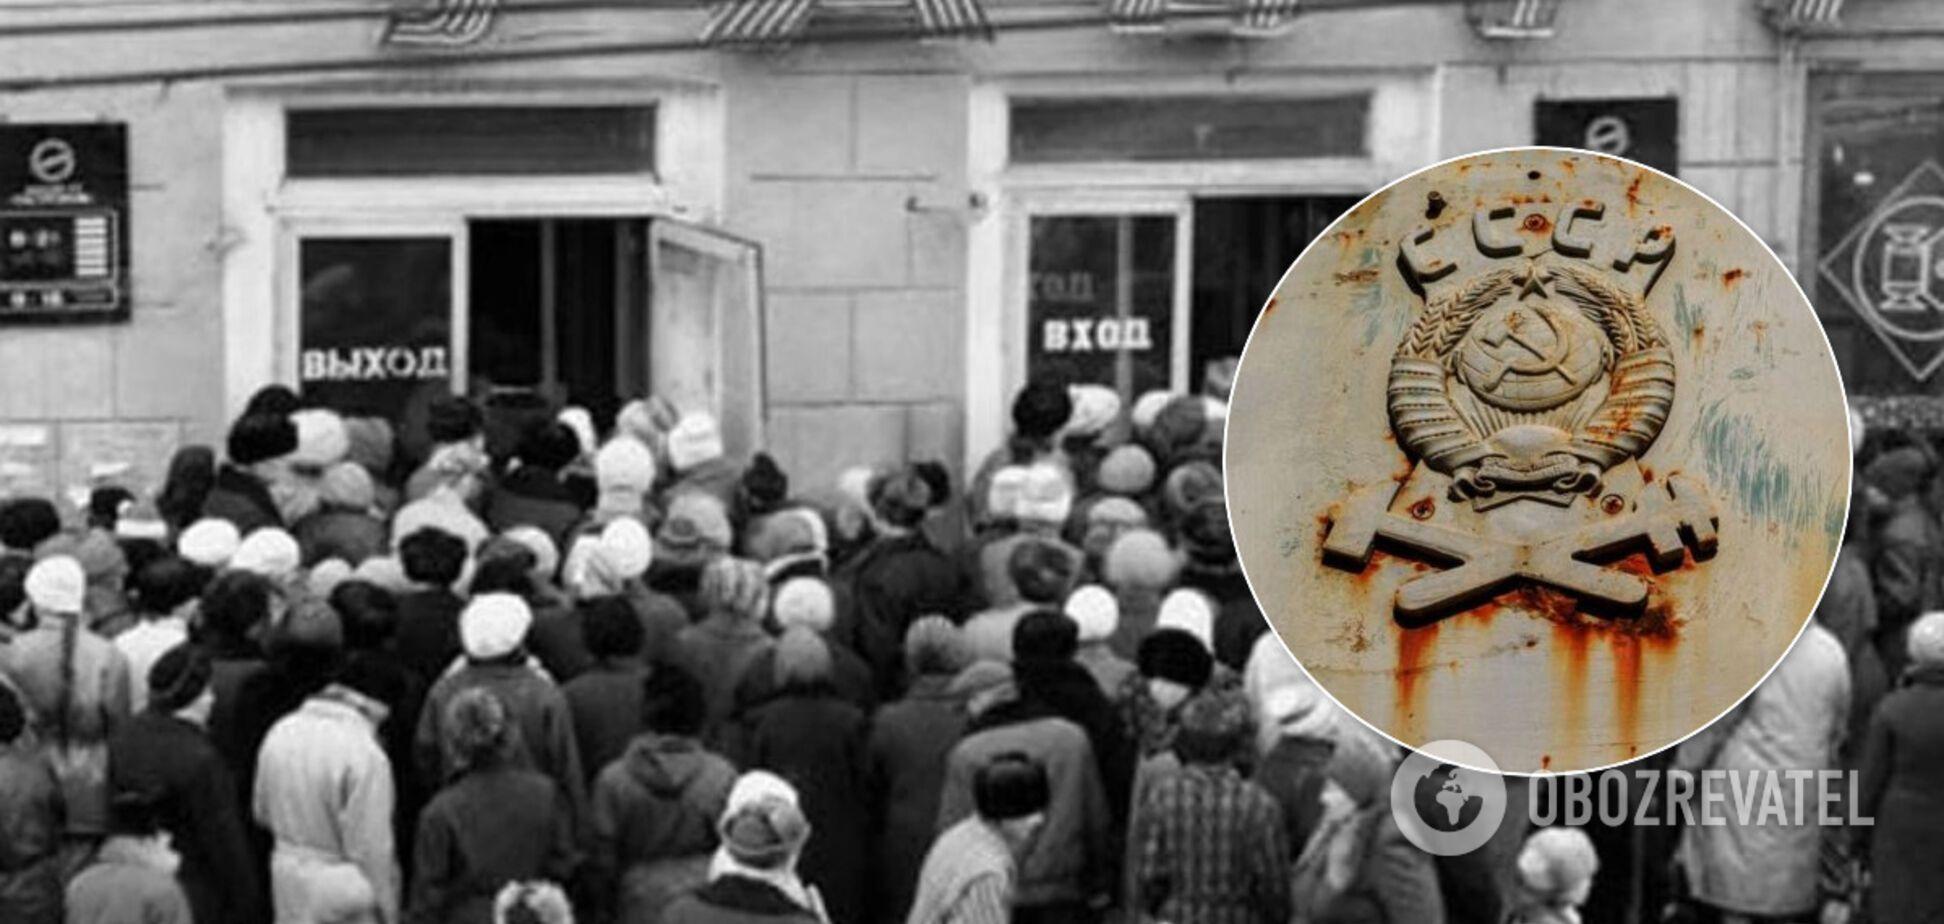 Гречка, джинсы, колбаса: в сети вспомнили 7 вещей, которые были жестким дефицитом в СССР